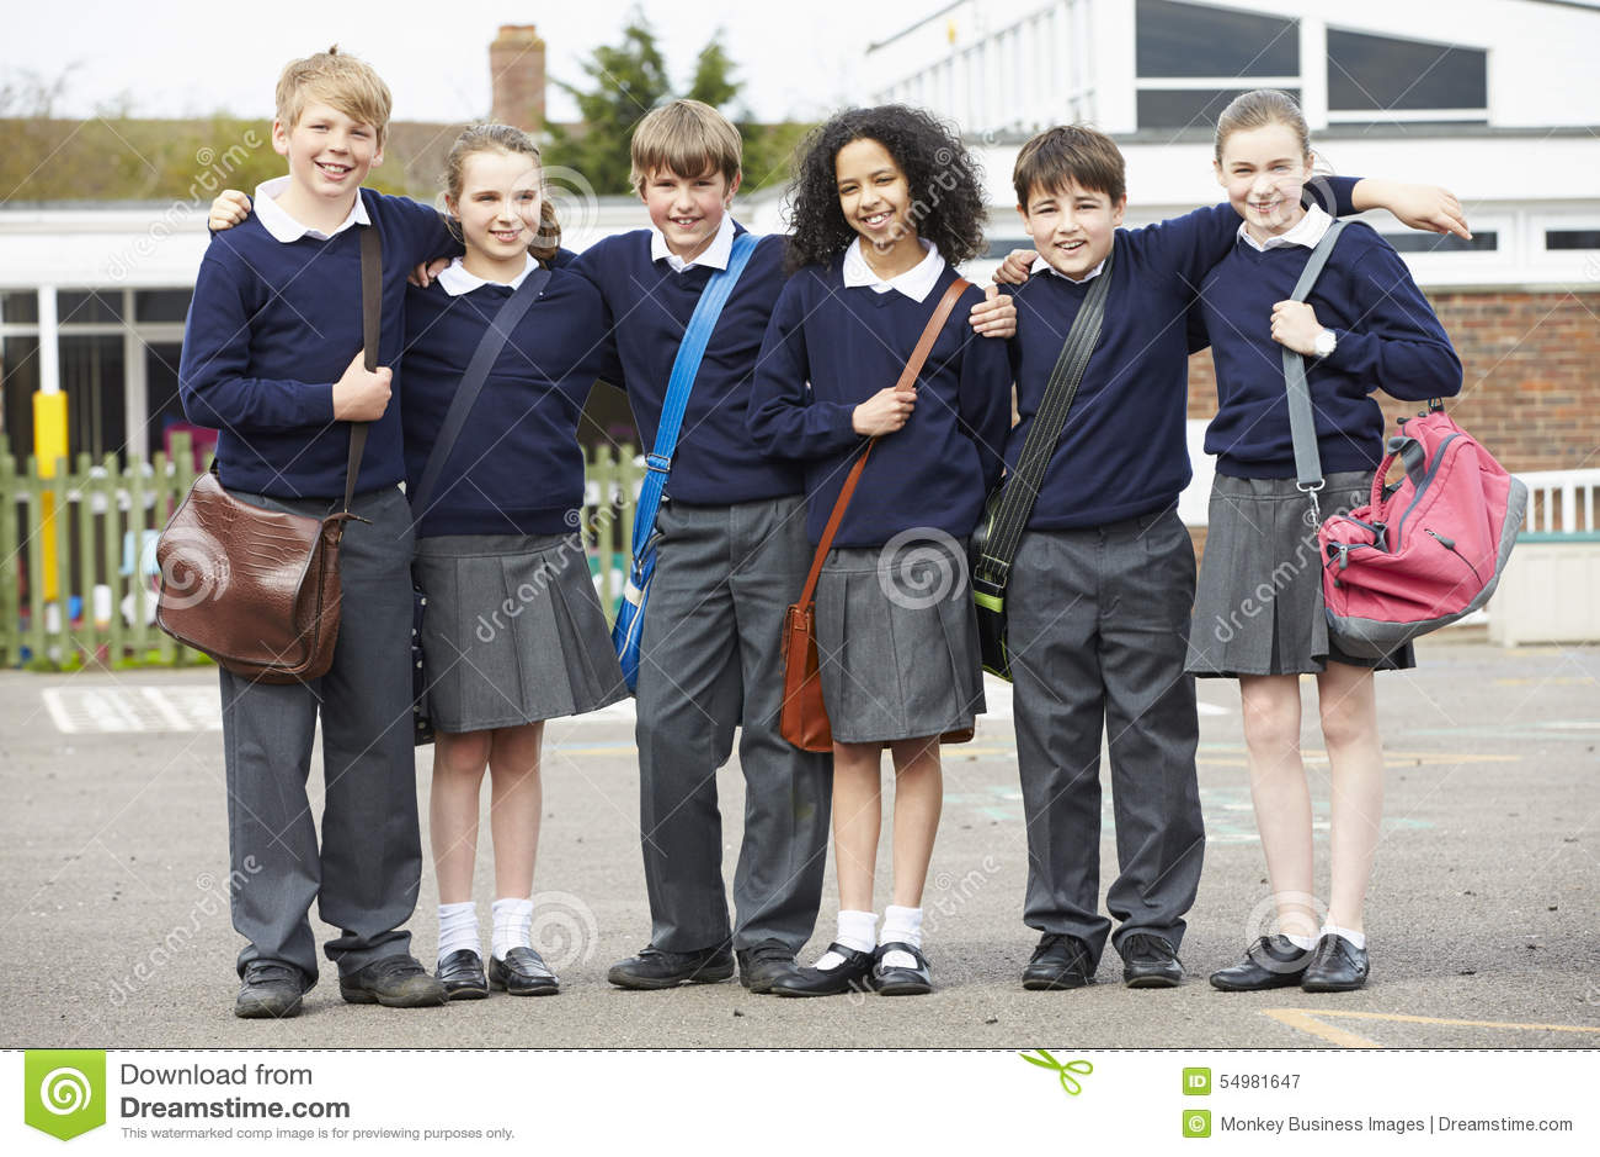 Porträt von Volksschule-Schülern im Spielplatz